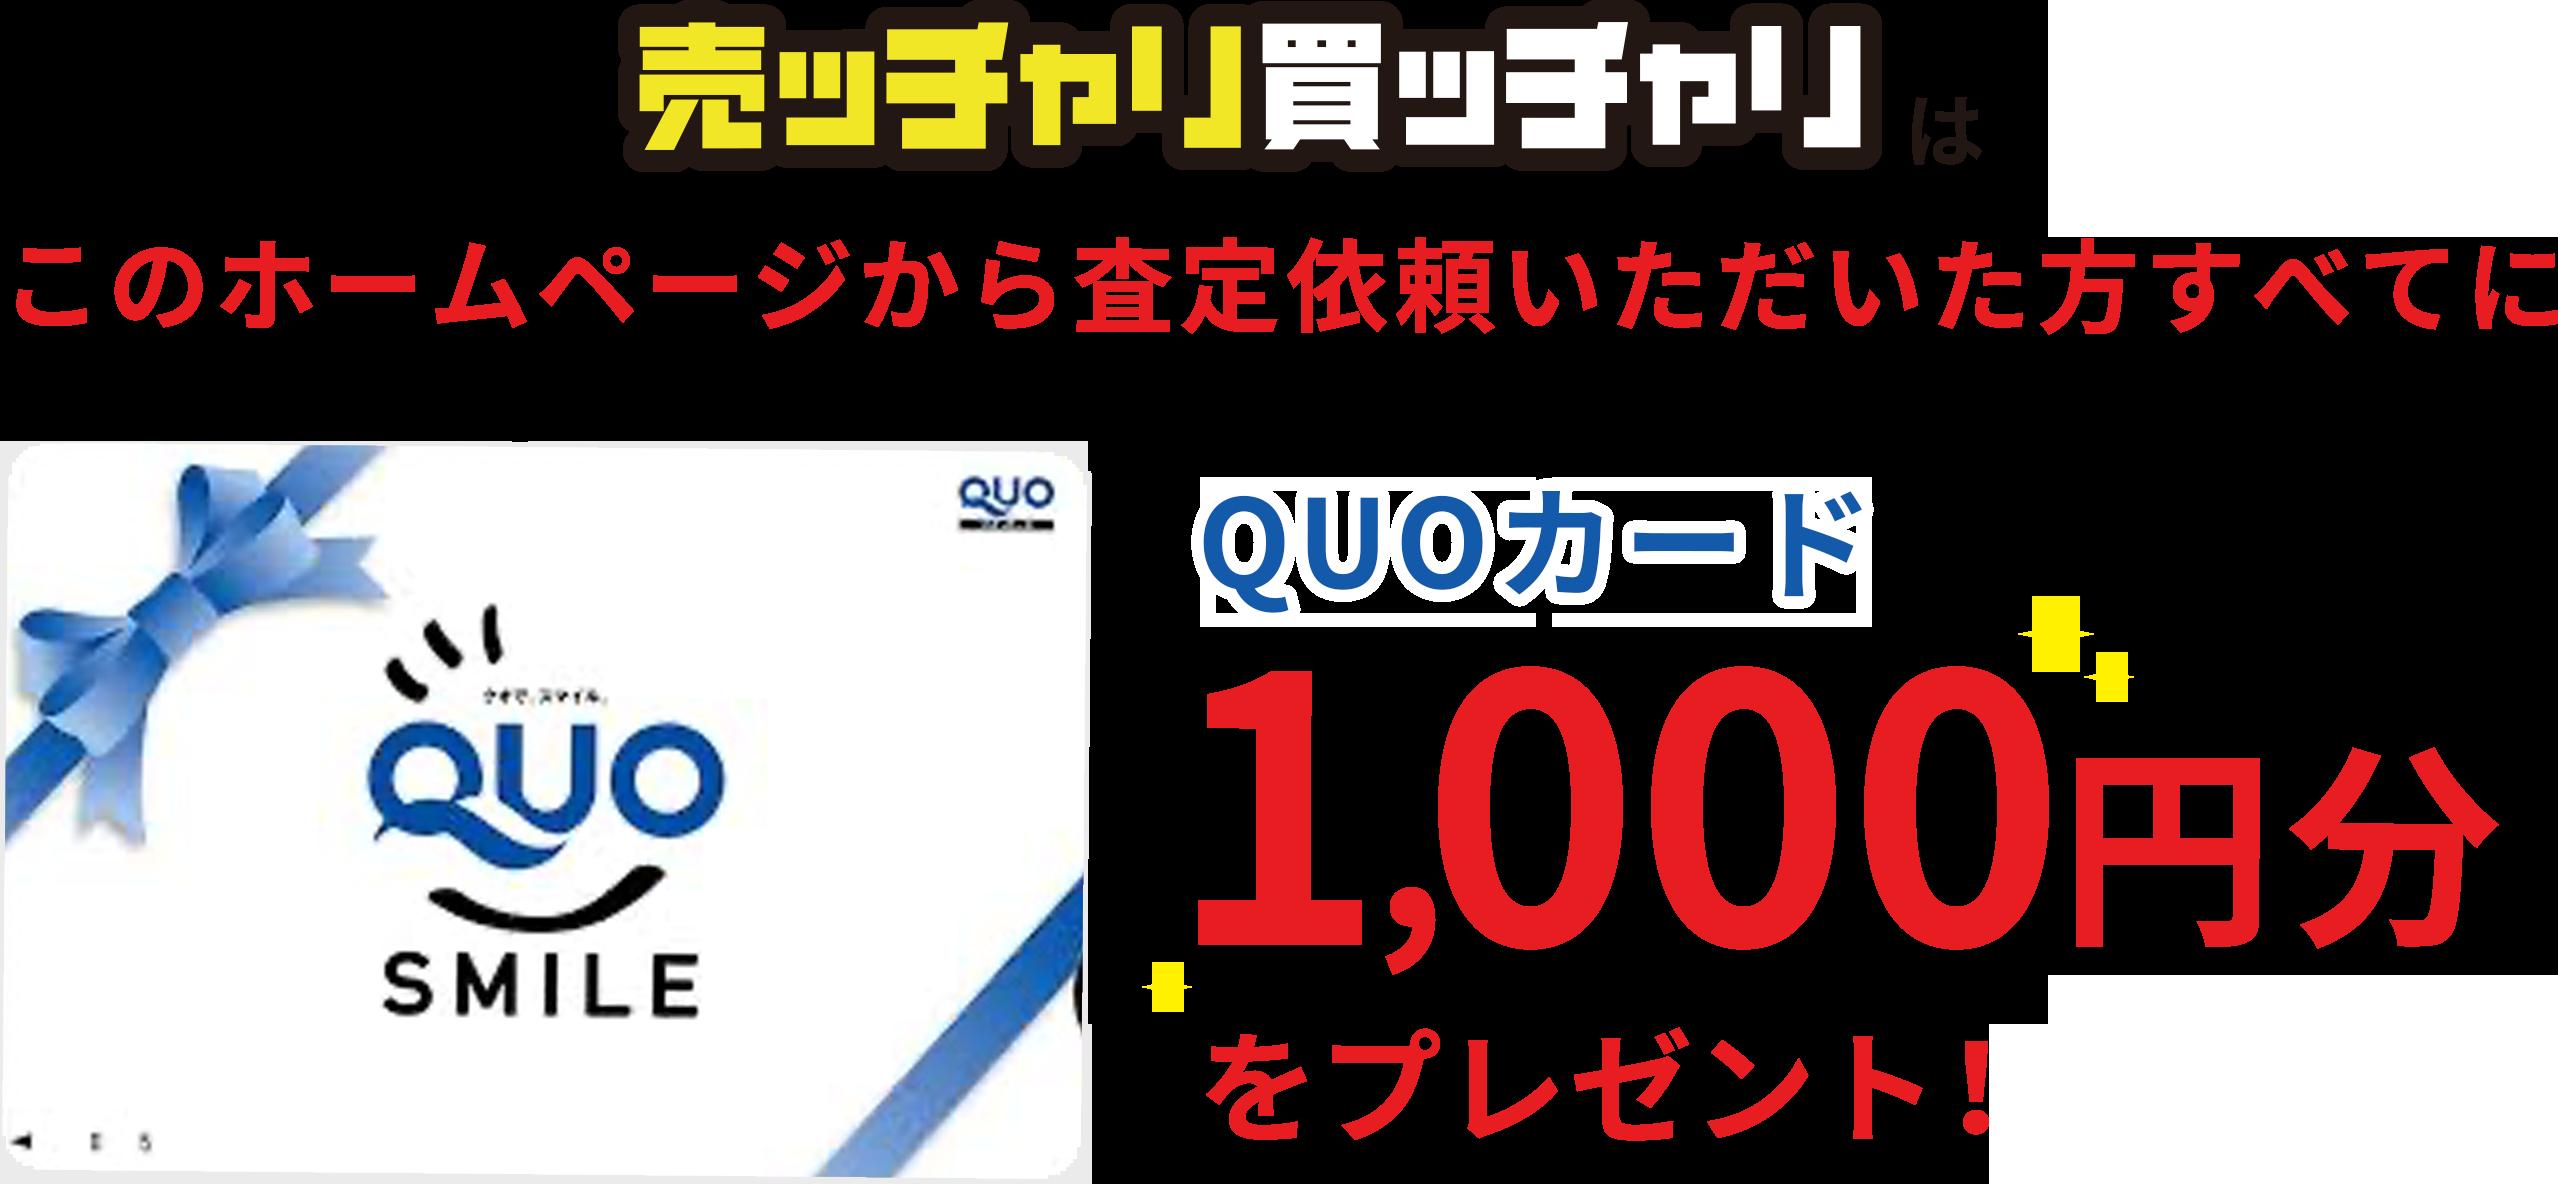 売ッチャリ買ッチャリはこれから査定依頼される方すべてにQUOカード1,000円分をプレゼント